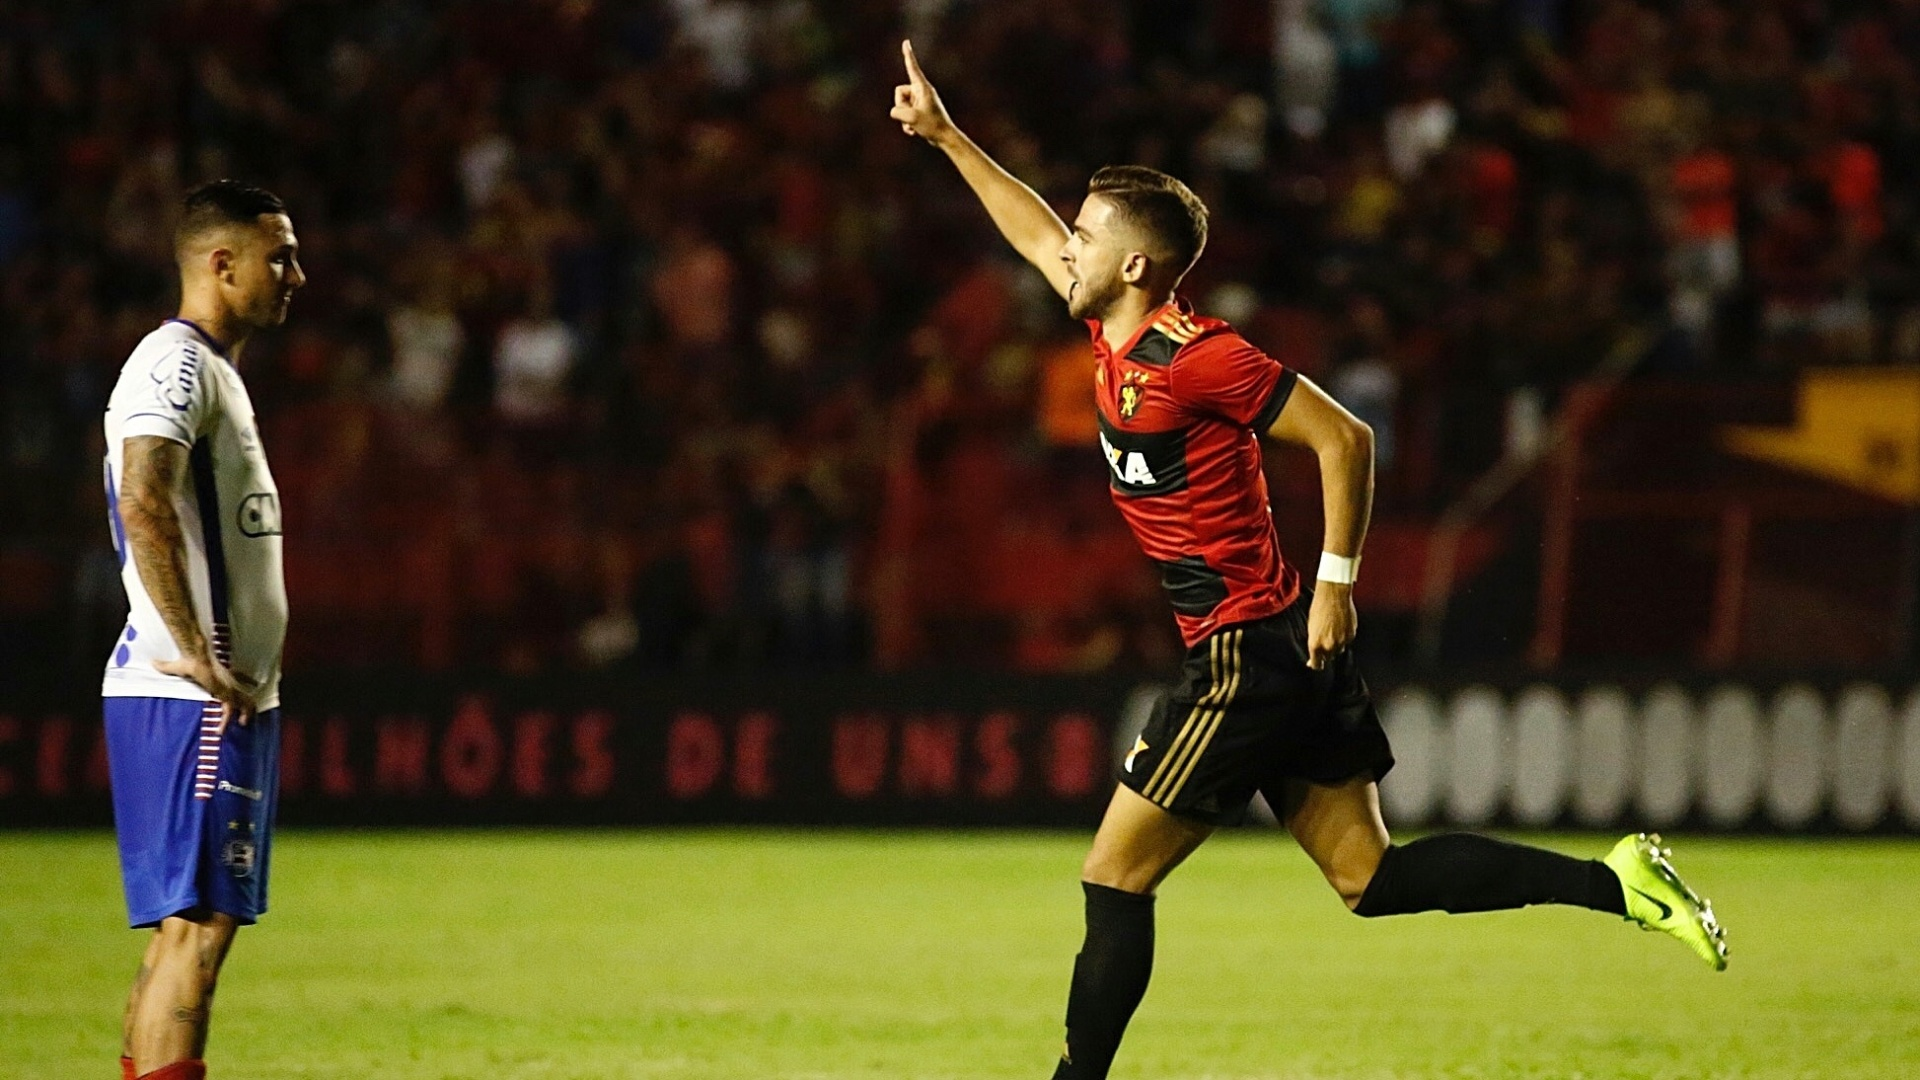 Claudio Winck comemora gol do Sport contra o Bahia pelo Campeonato Brasileiro